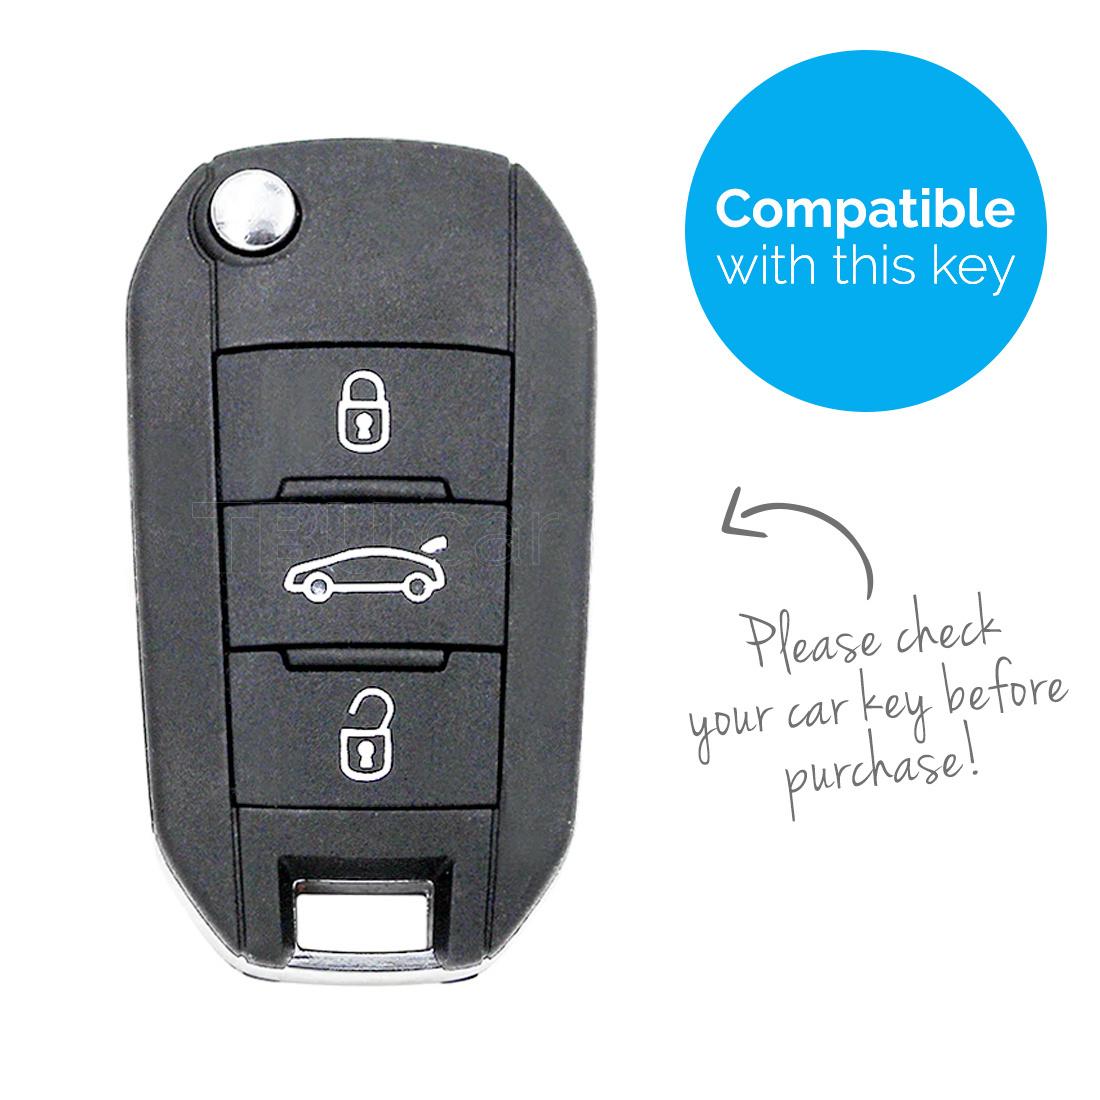 TBU car Autoschlüssel Hülle für Citroën 3 Tasten - Schutzhülle aus Silikon - Auto Schlüsselhülle Cover in Weiß